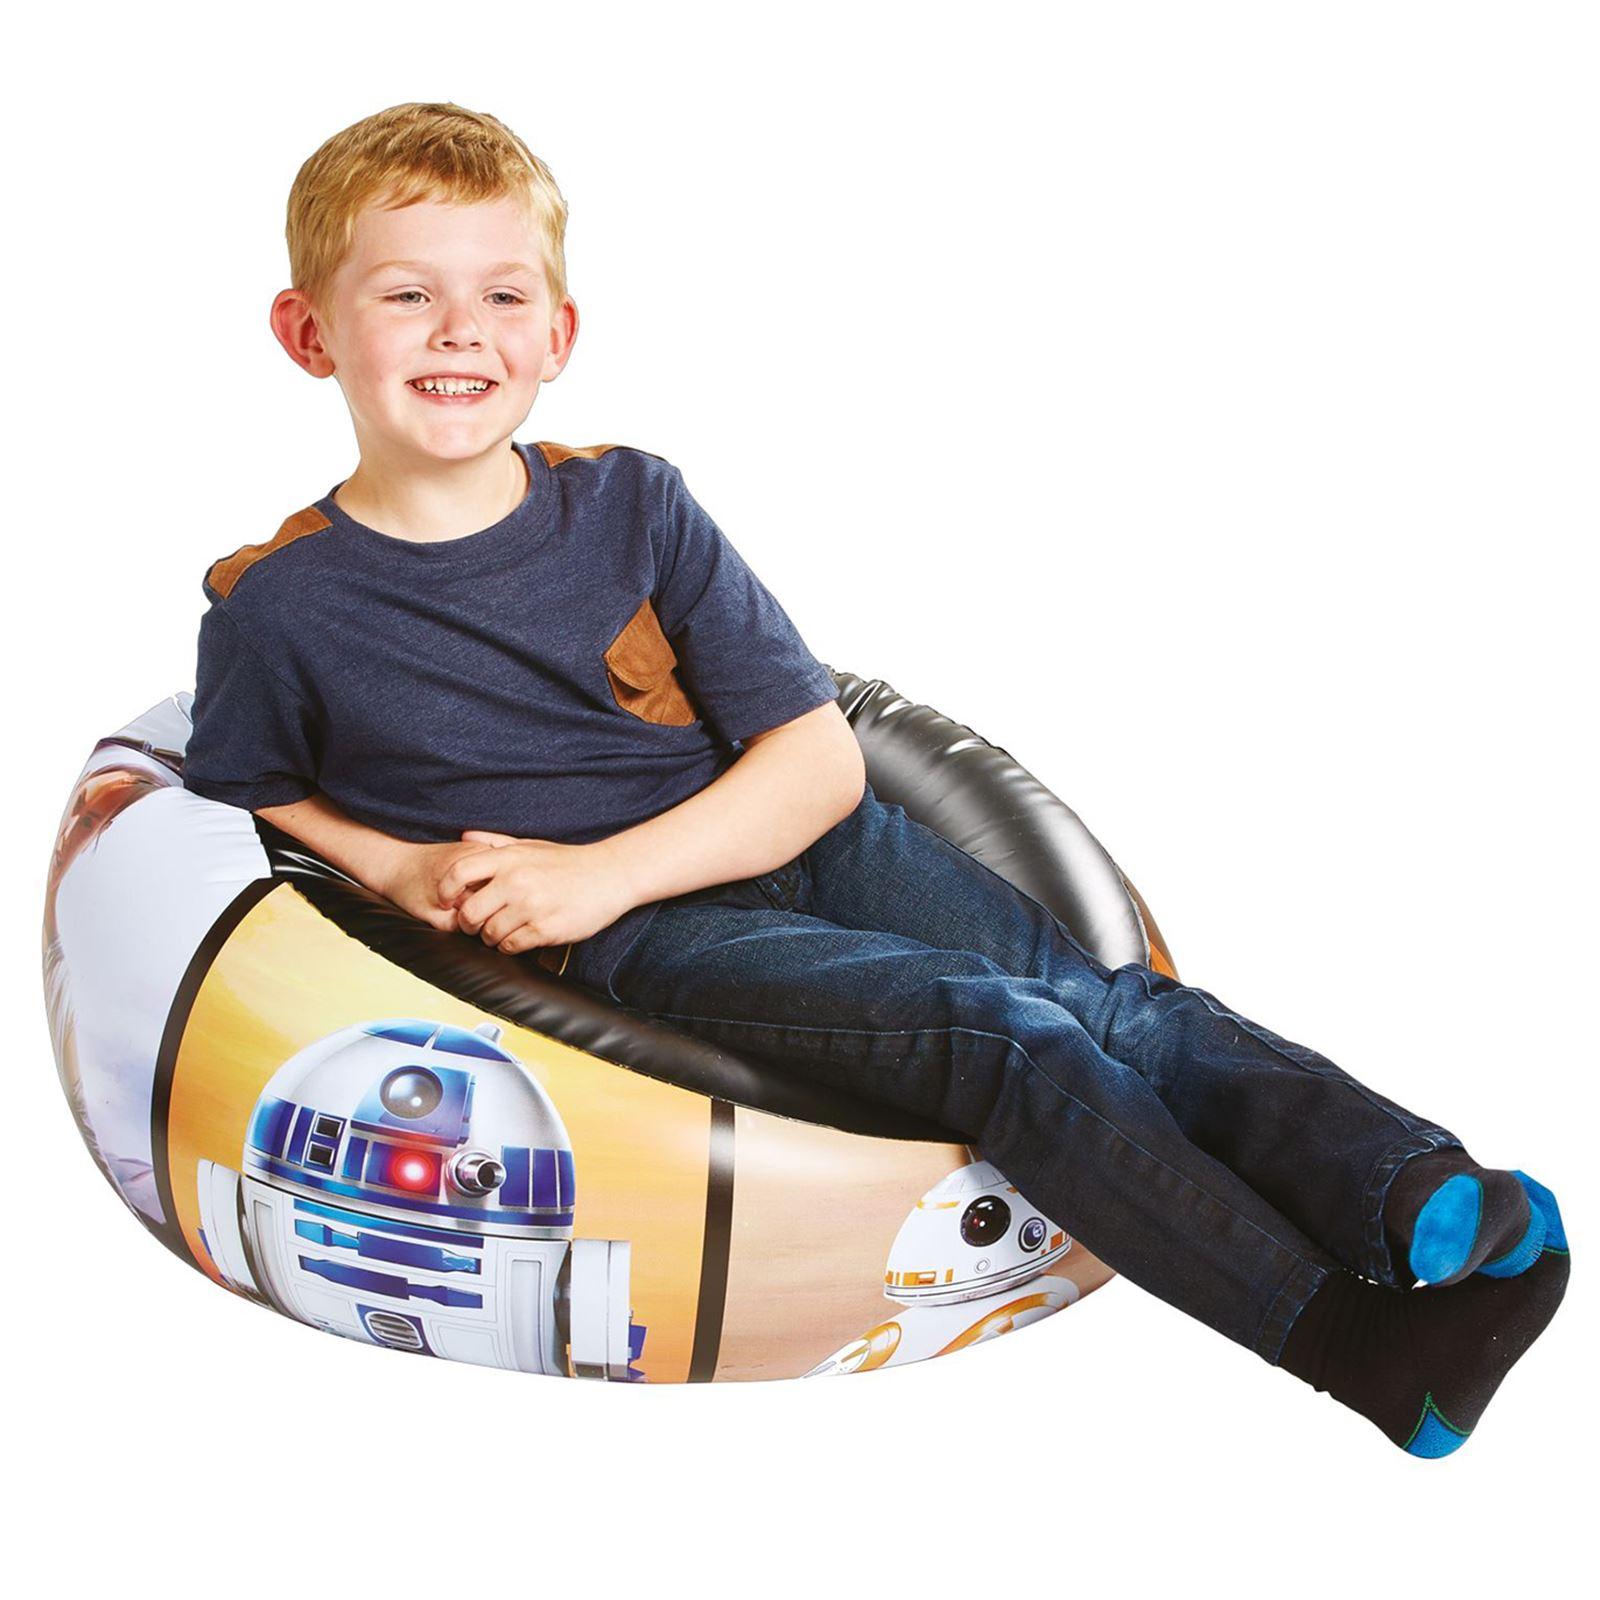 Indexbild 20 - Kinder Aufblasbarer Sessel - PAW PATROL, My LIttle Pony, Star Wars, Toy Story